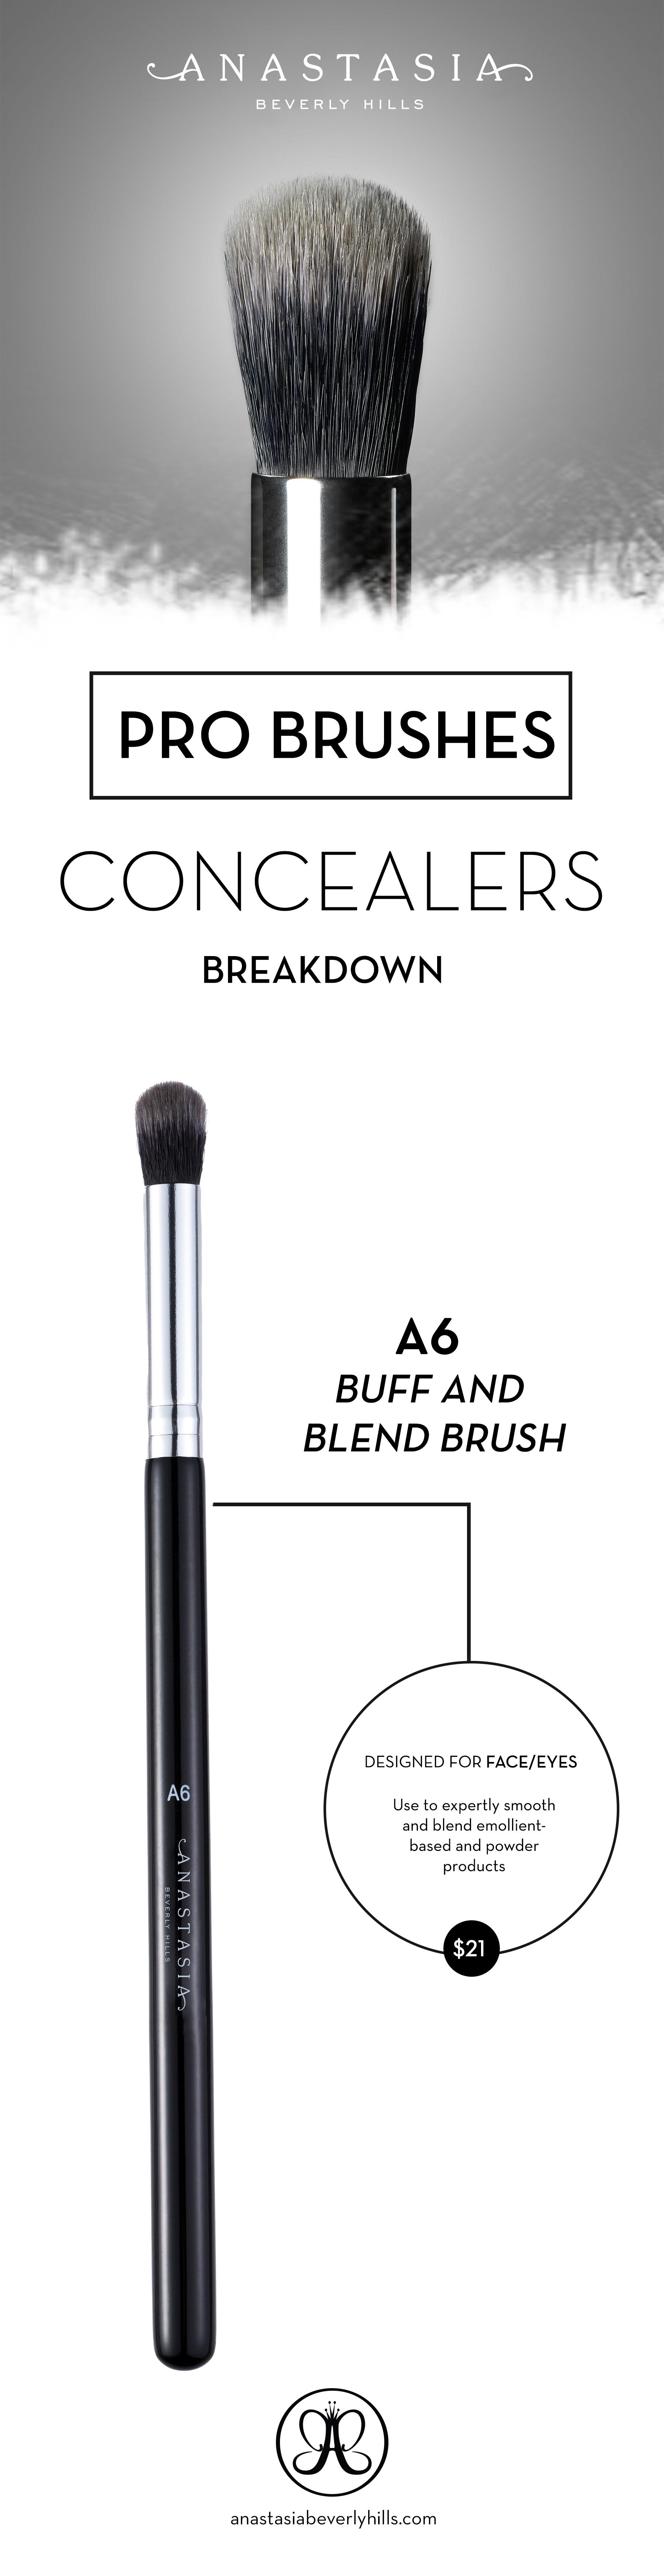 Buff and Blend Brush Small Blending Brush Eye makeup